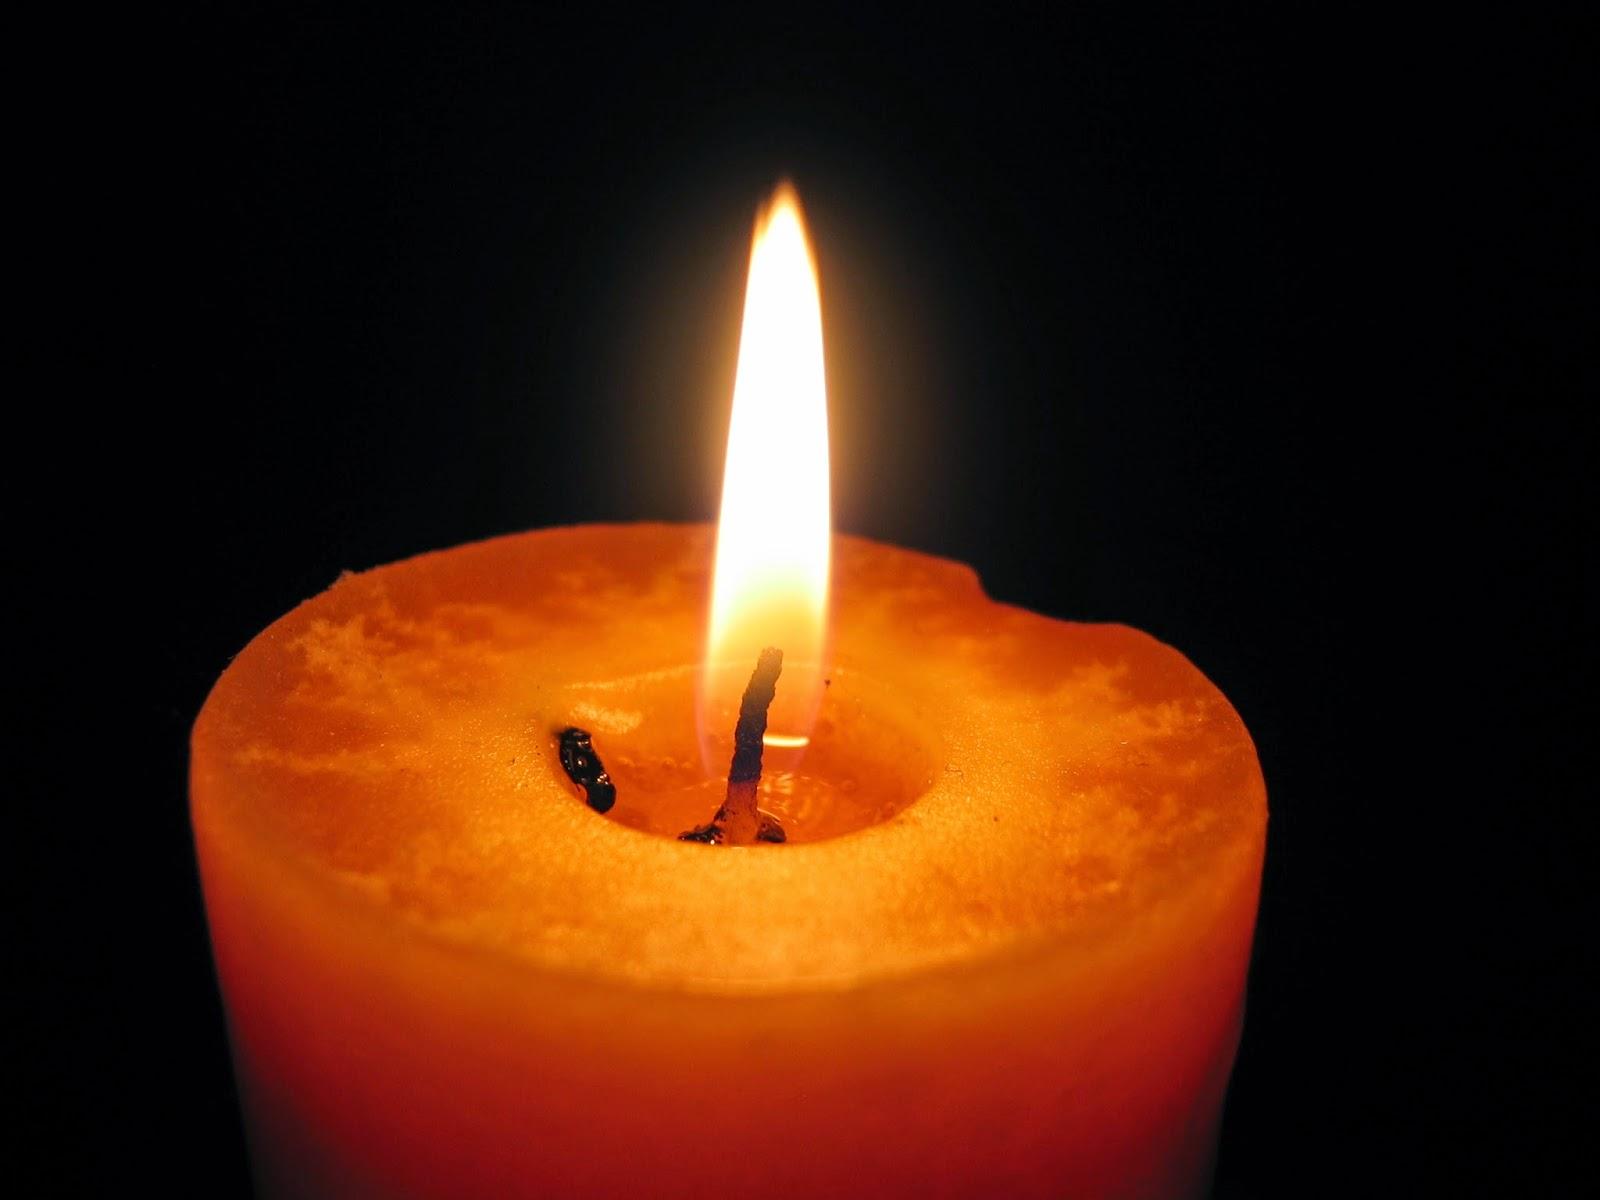 صورة شمعة بخلفية سوداء